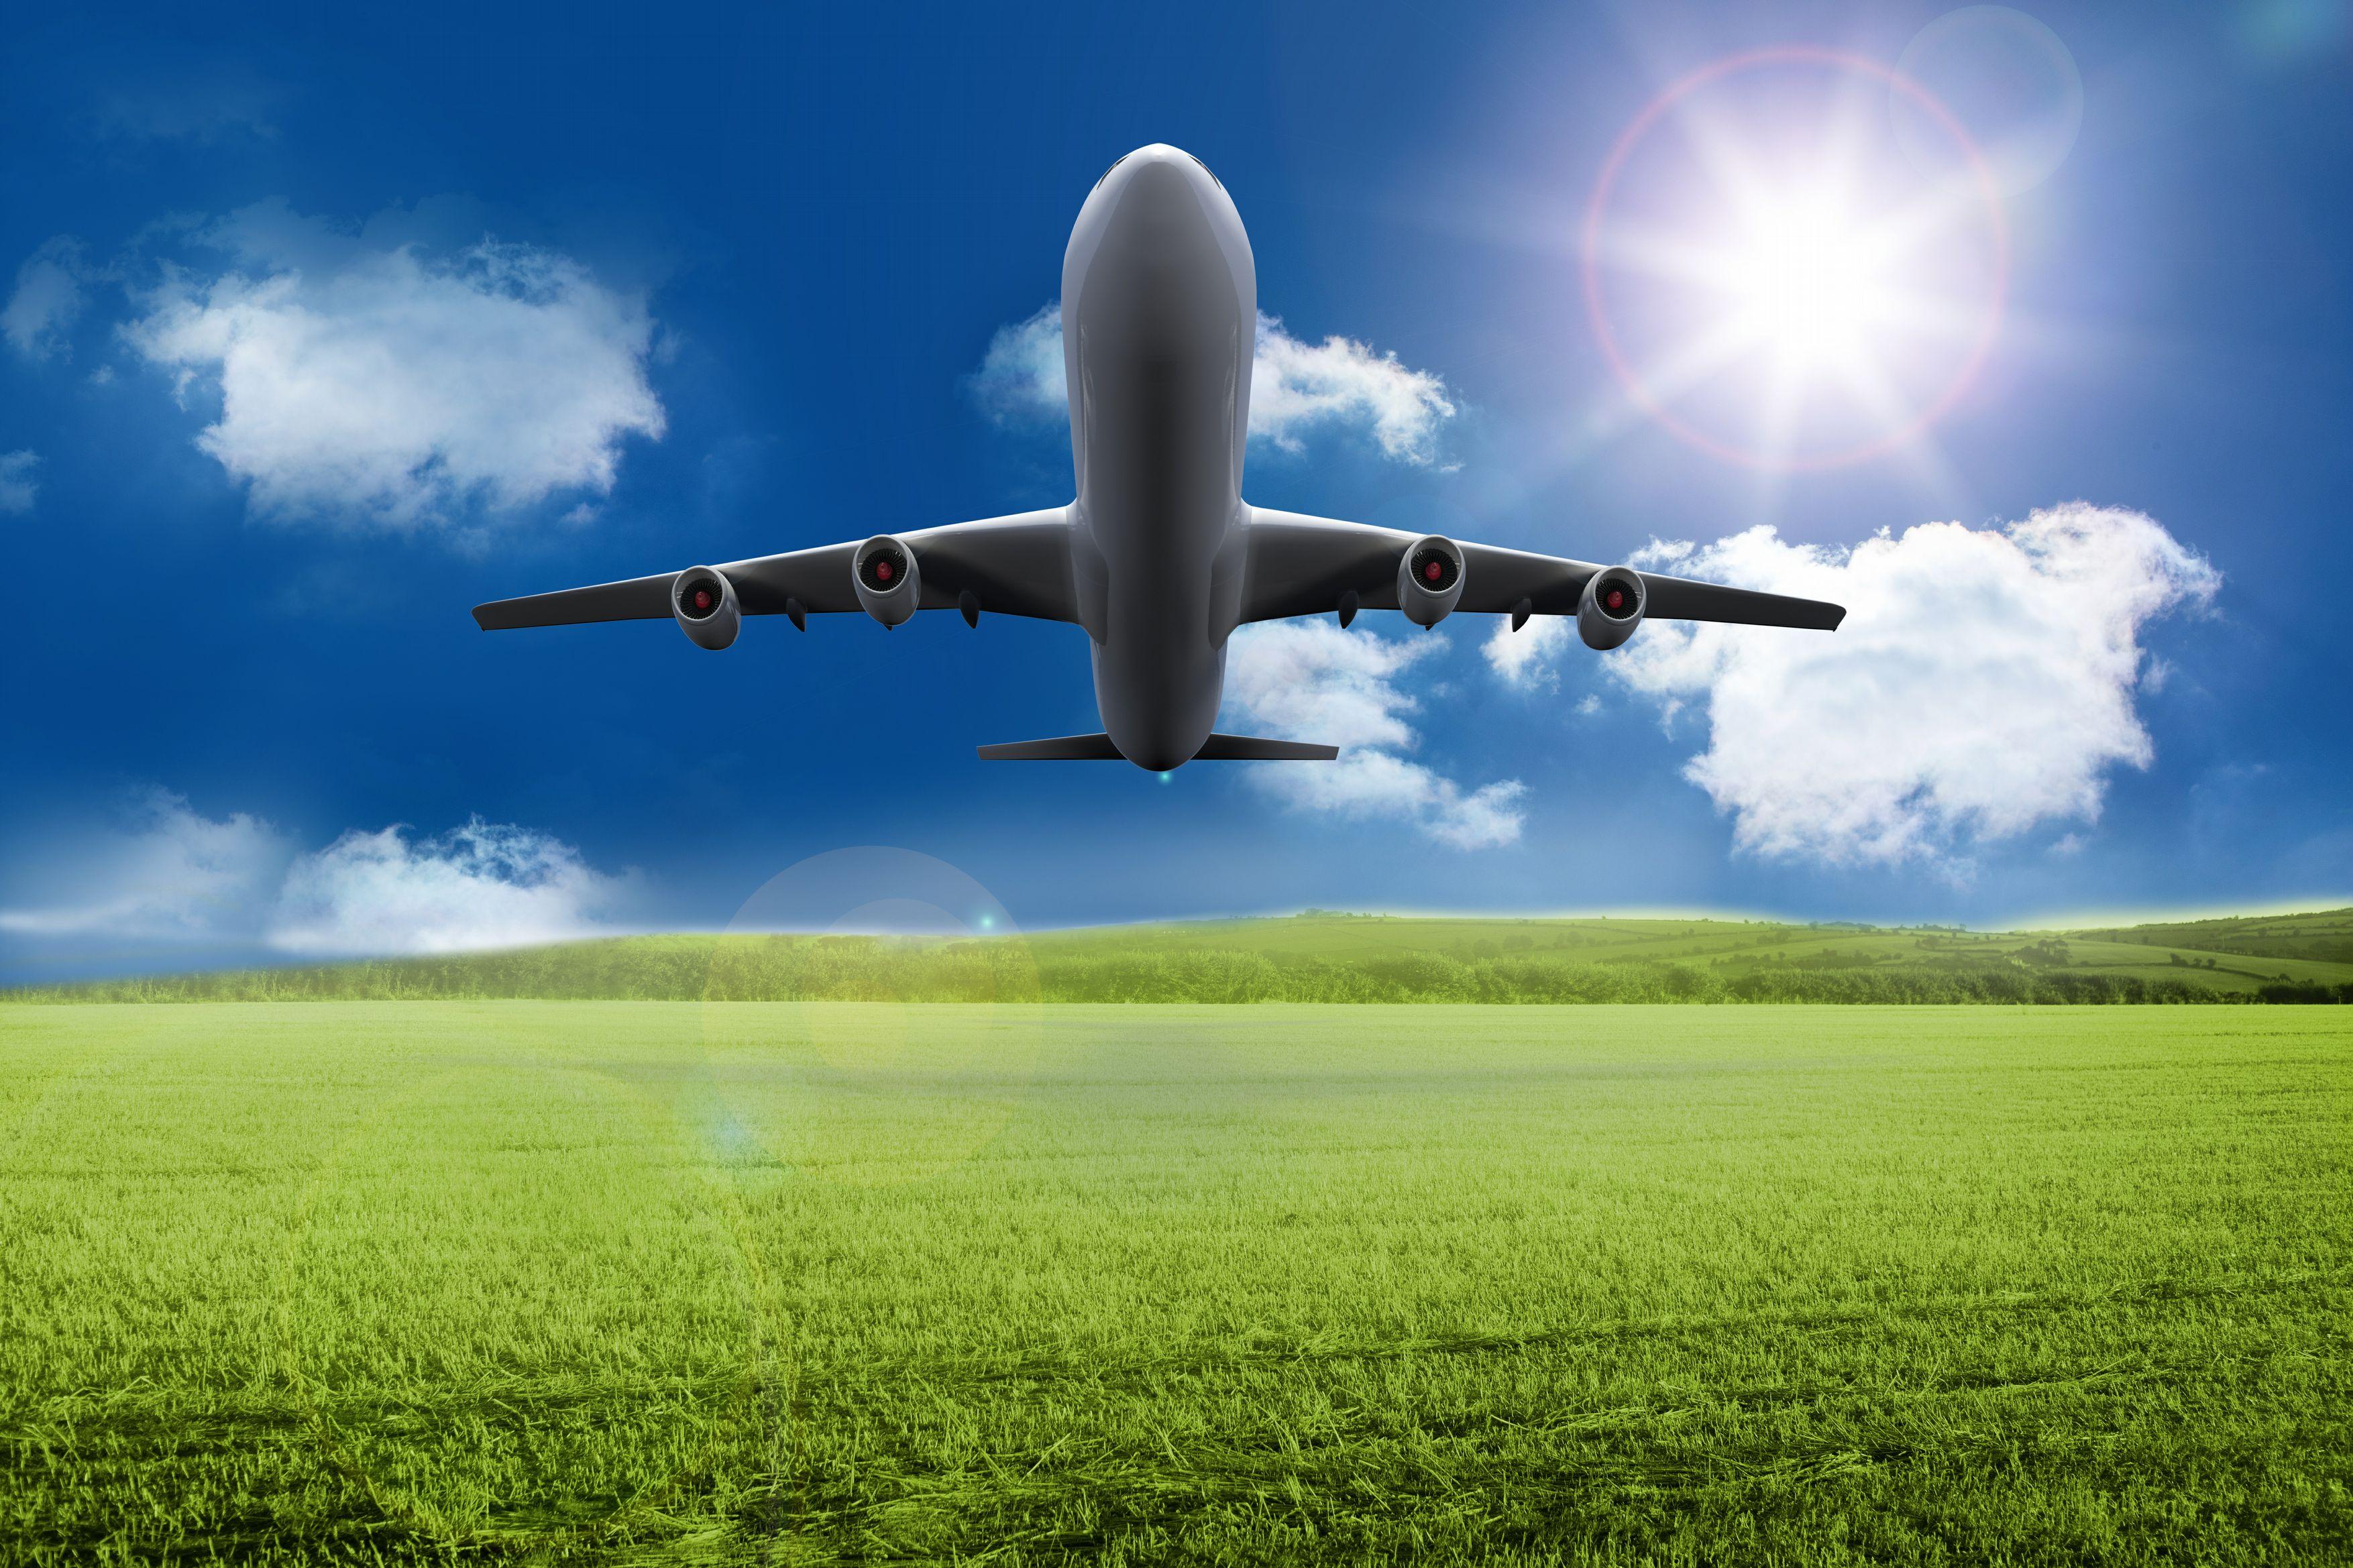 深圳机场(000089.SZ)三跑道扩建获批复,一条新跑道带来的新机遇